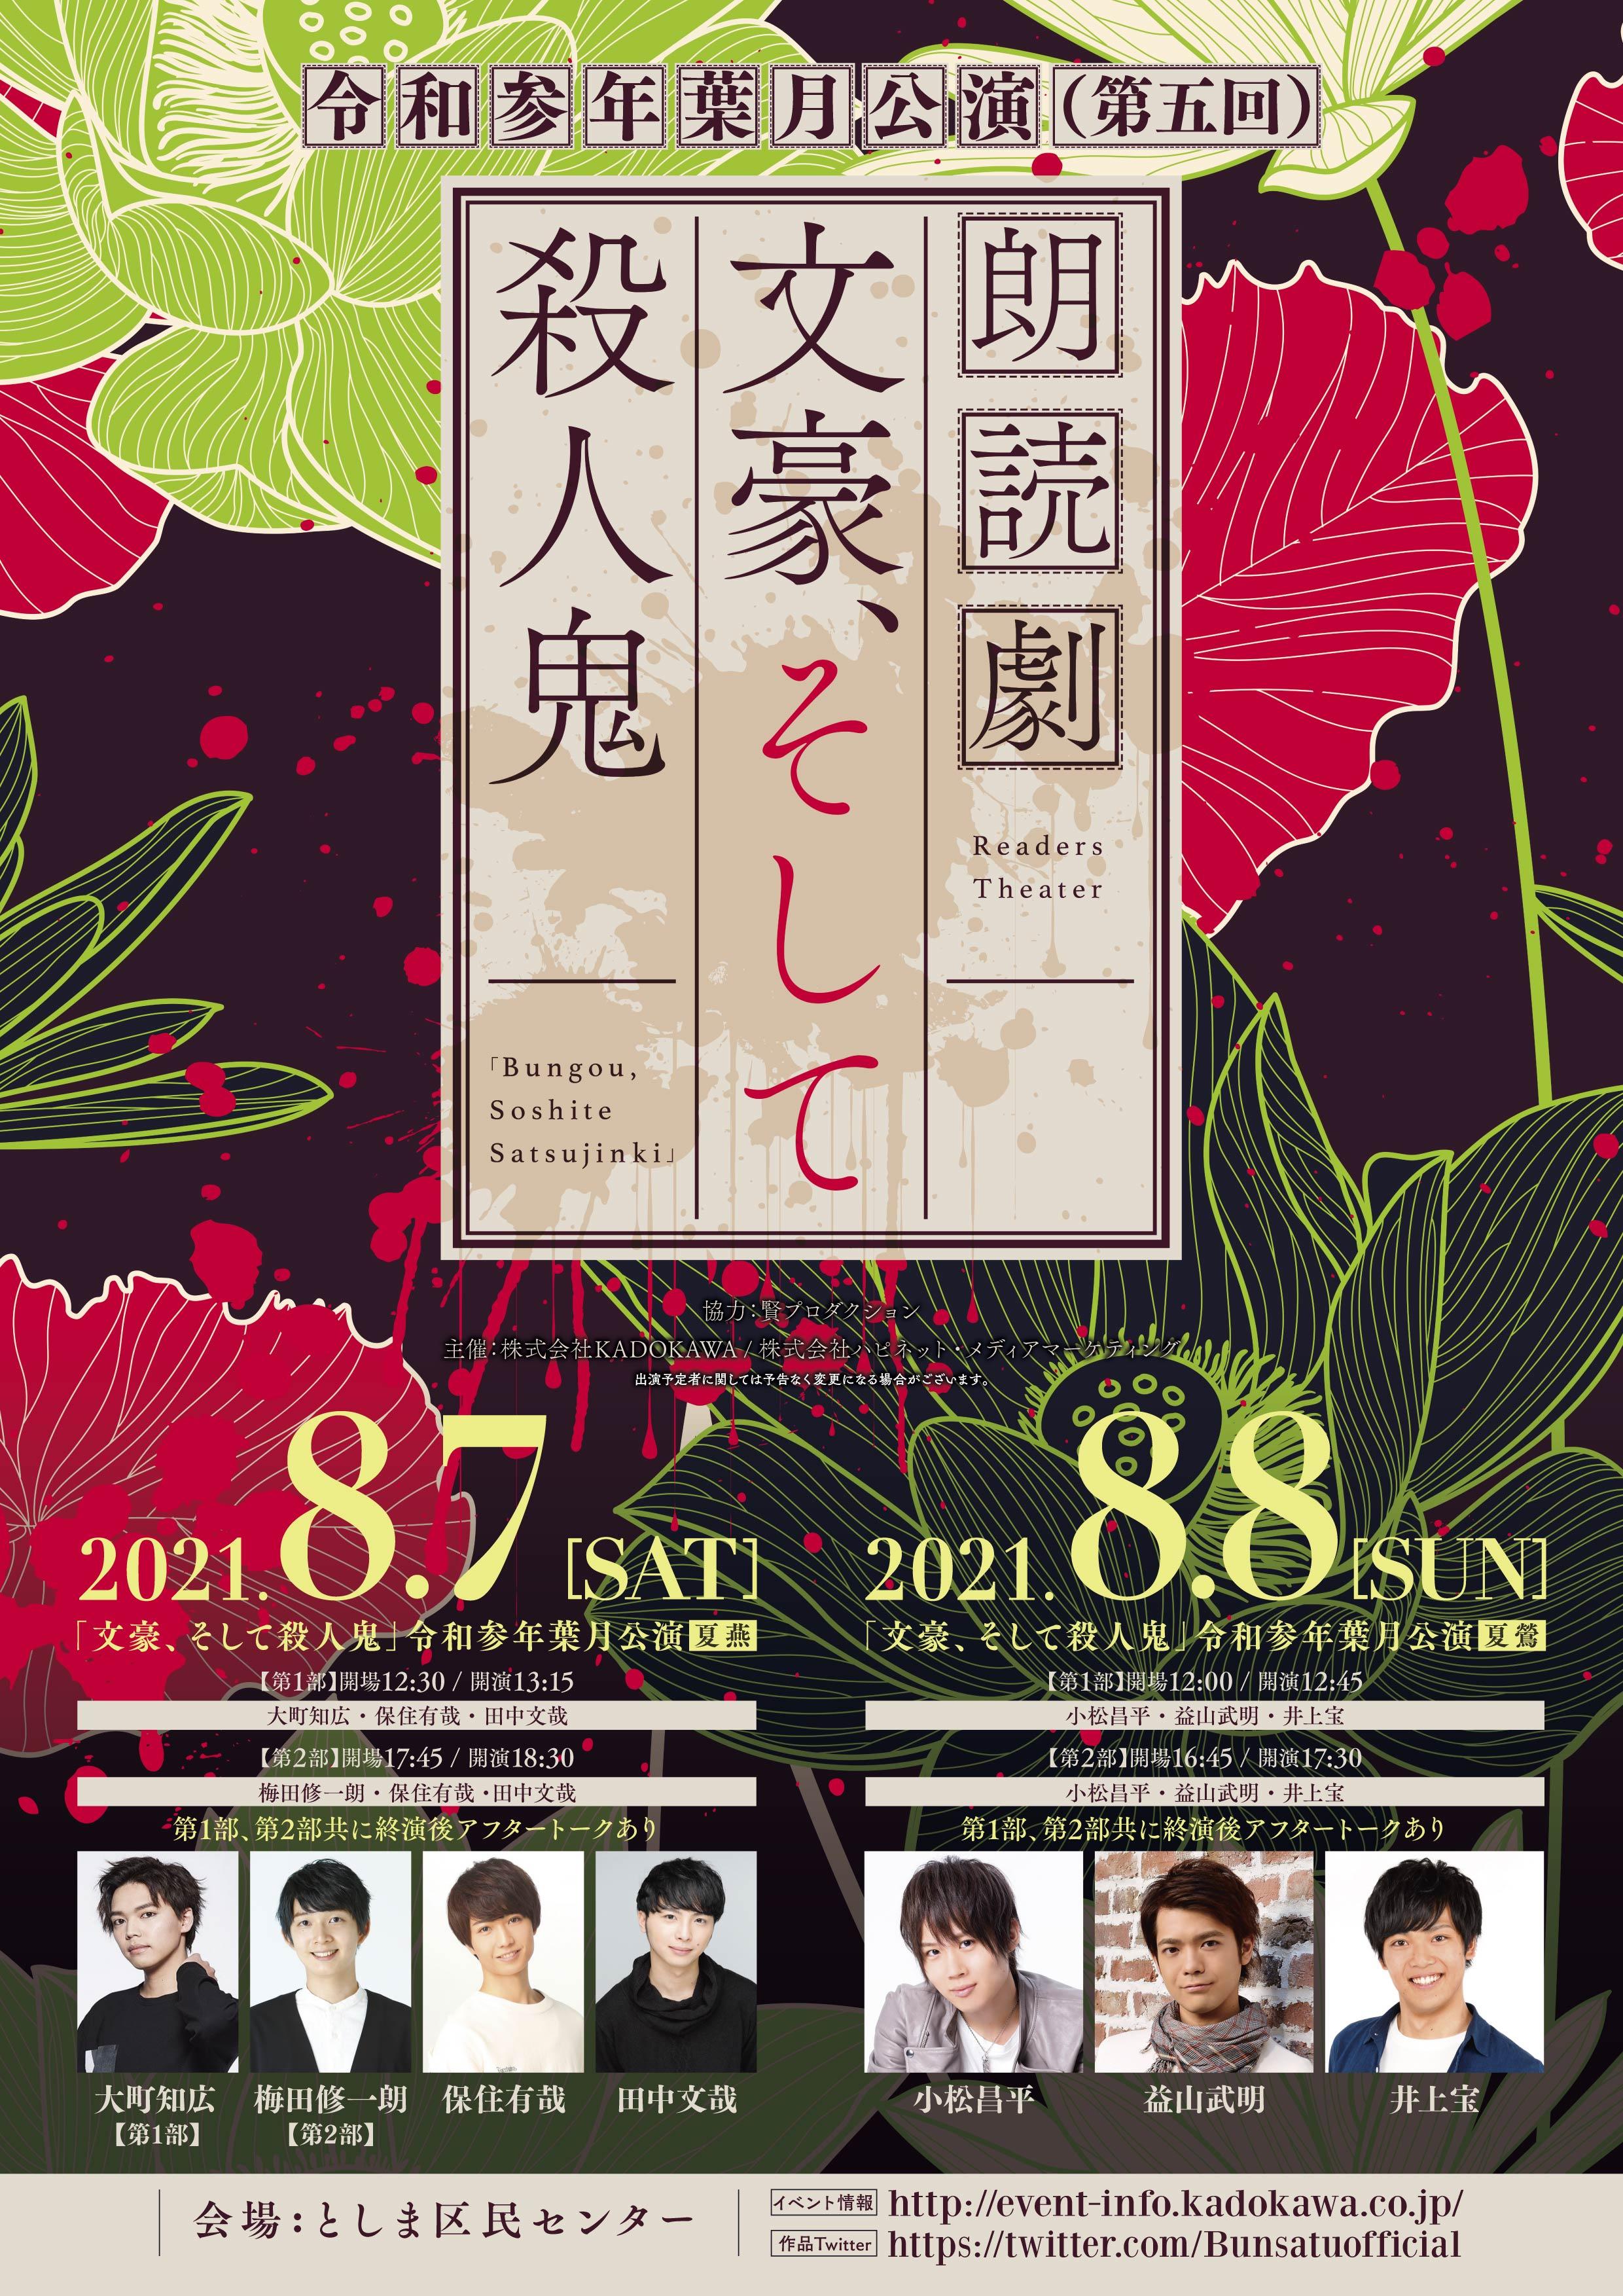 【8月7日(土)第一部】「文豪、そして殺人鬼」令和参年葉月公演<夏燕>